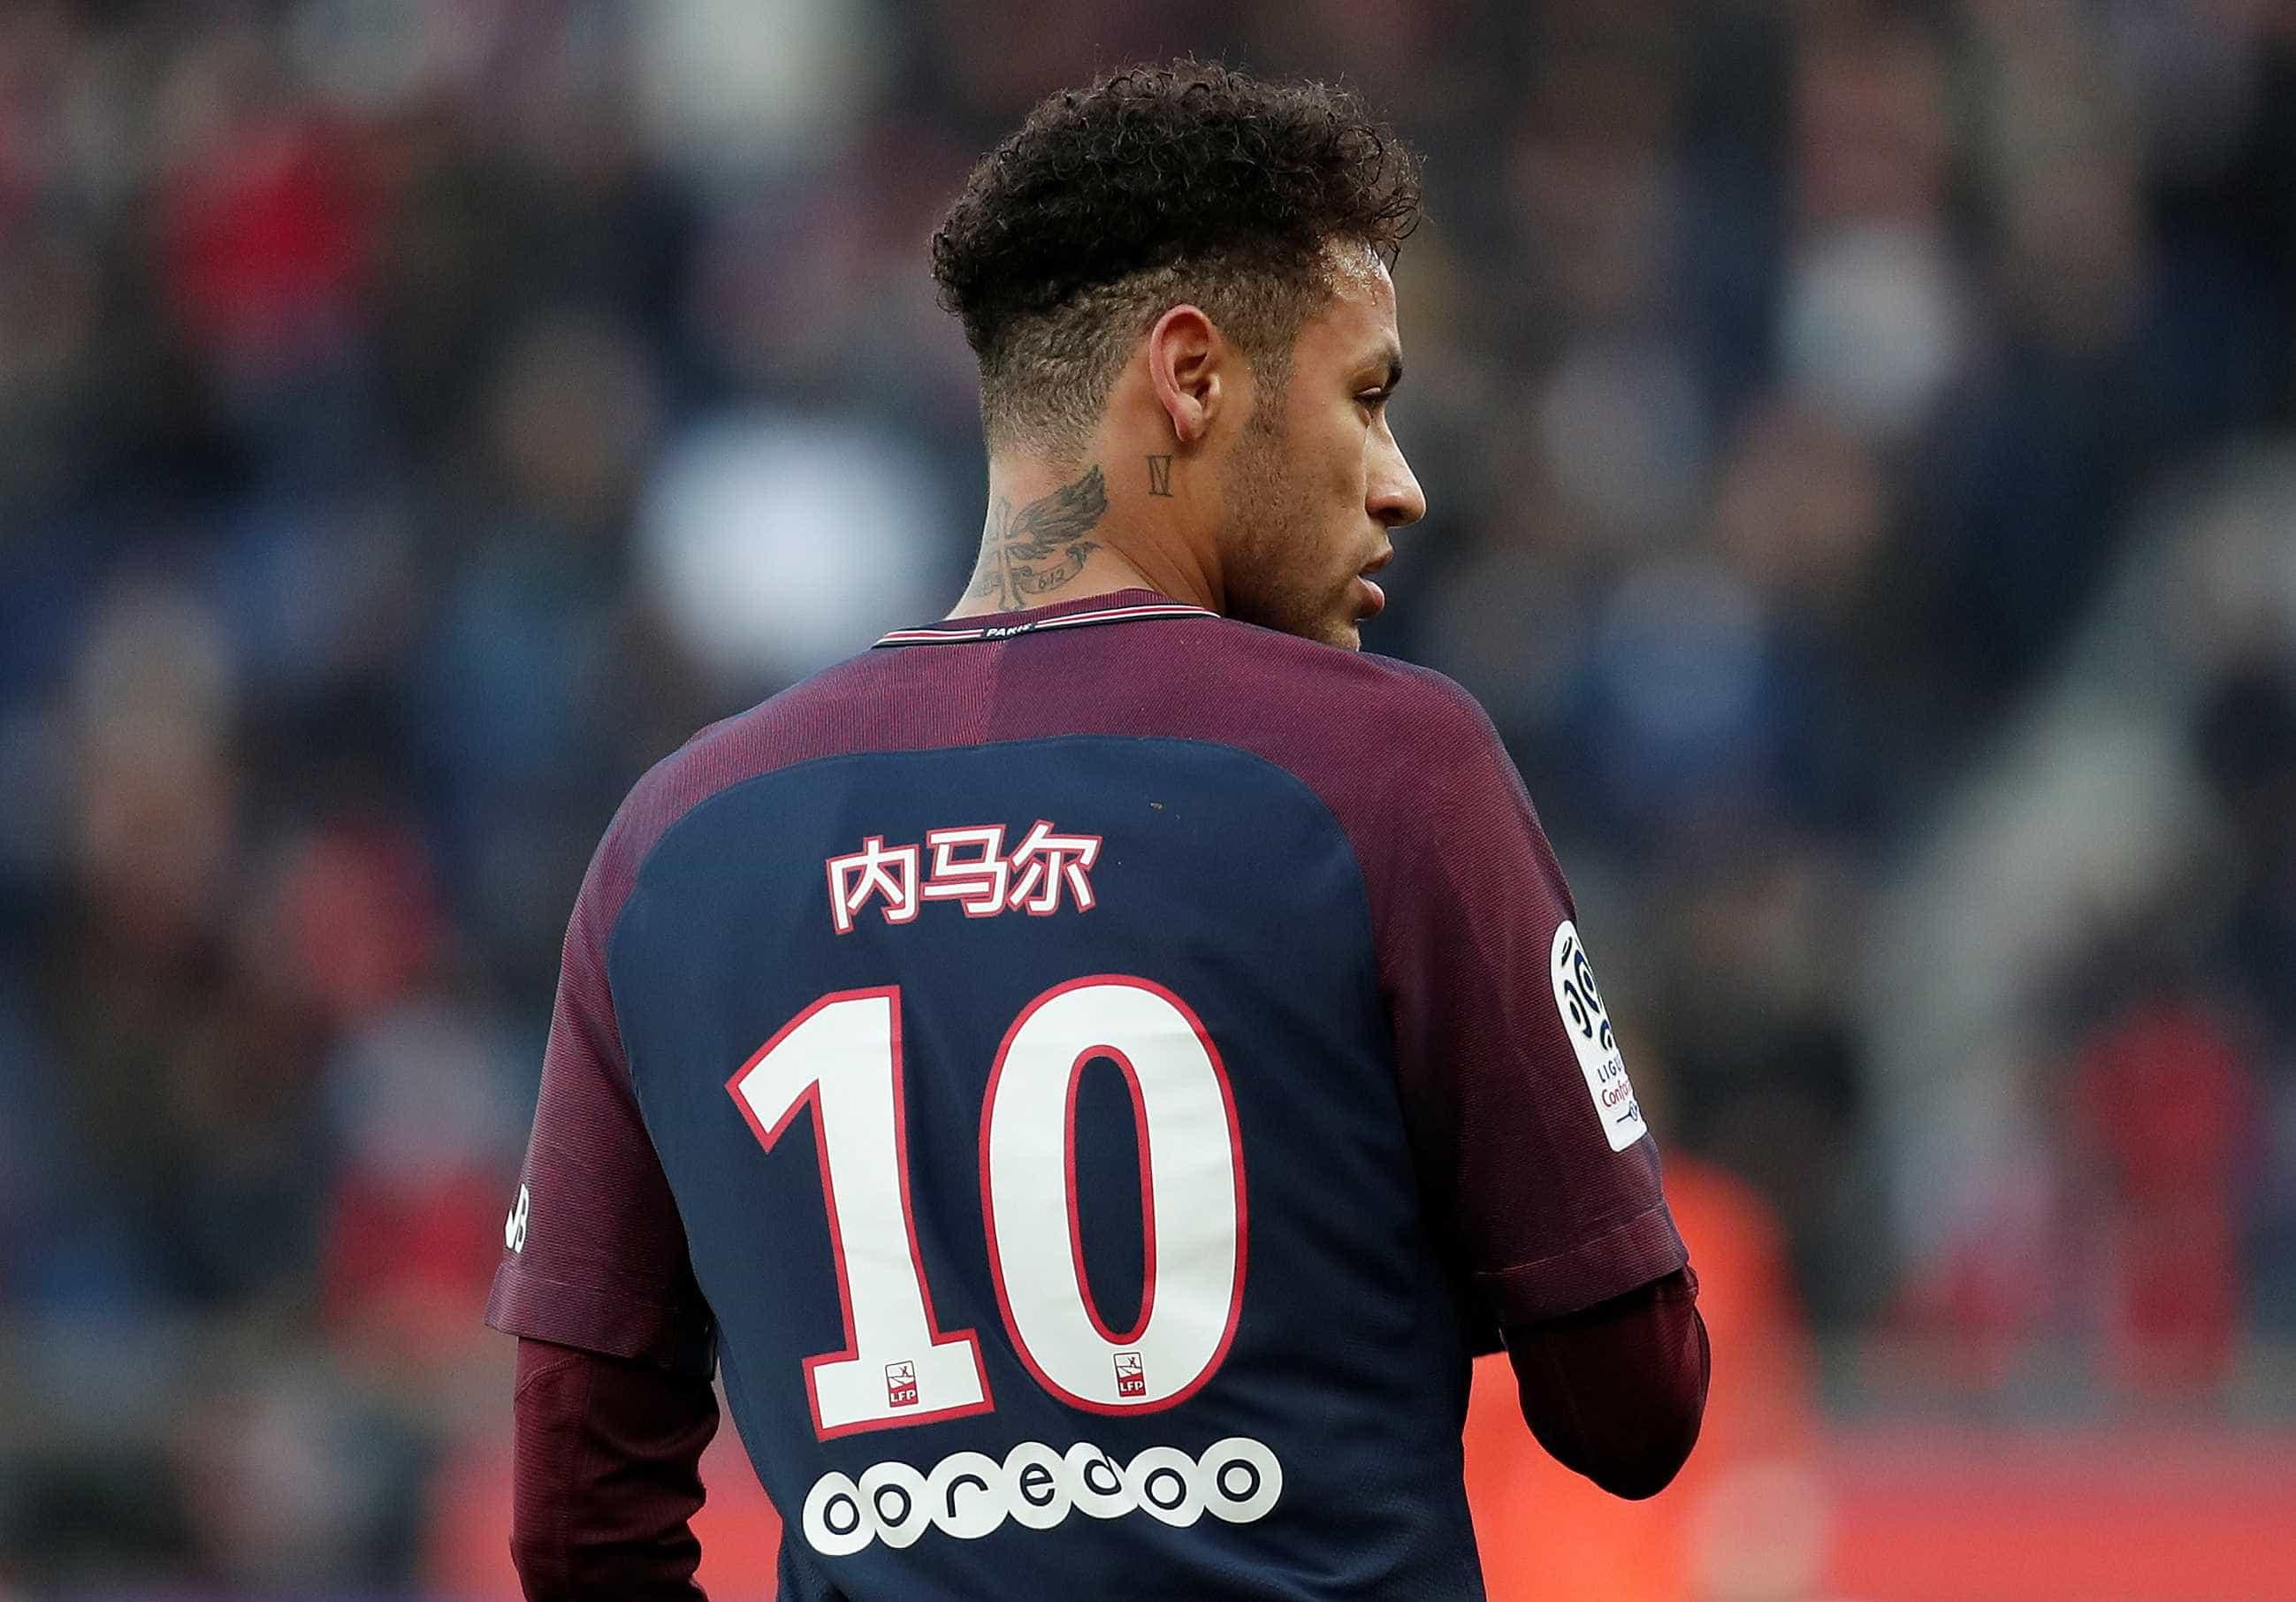 Jornal: PSG vive incerteza com Neymar, mas 'fará de tudo' para mantê-lo